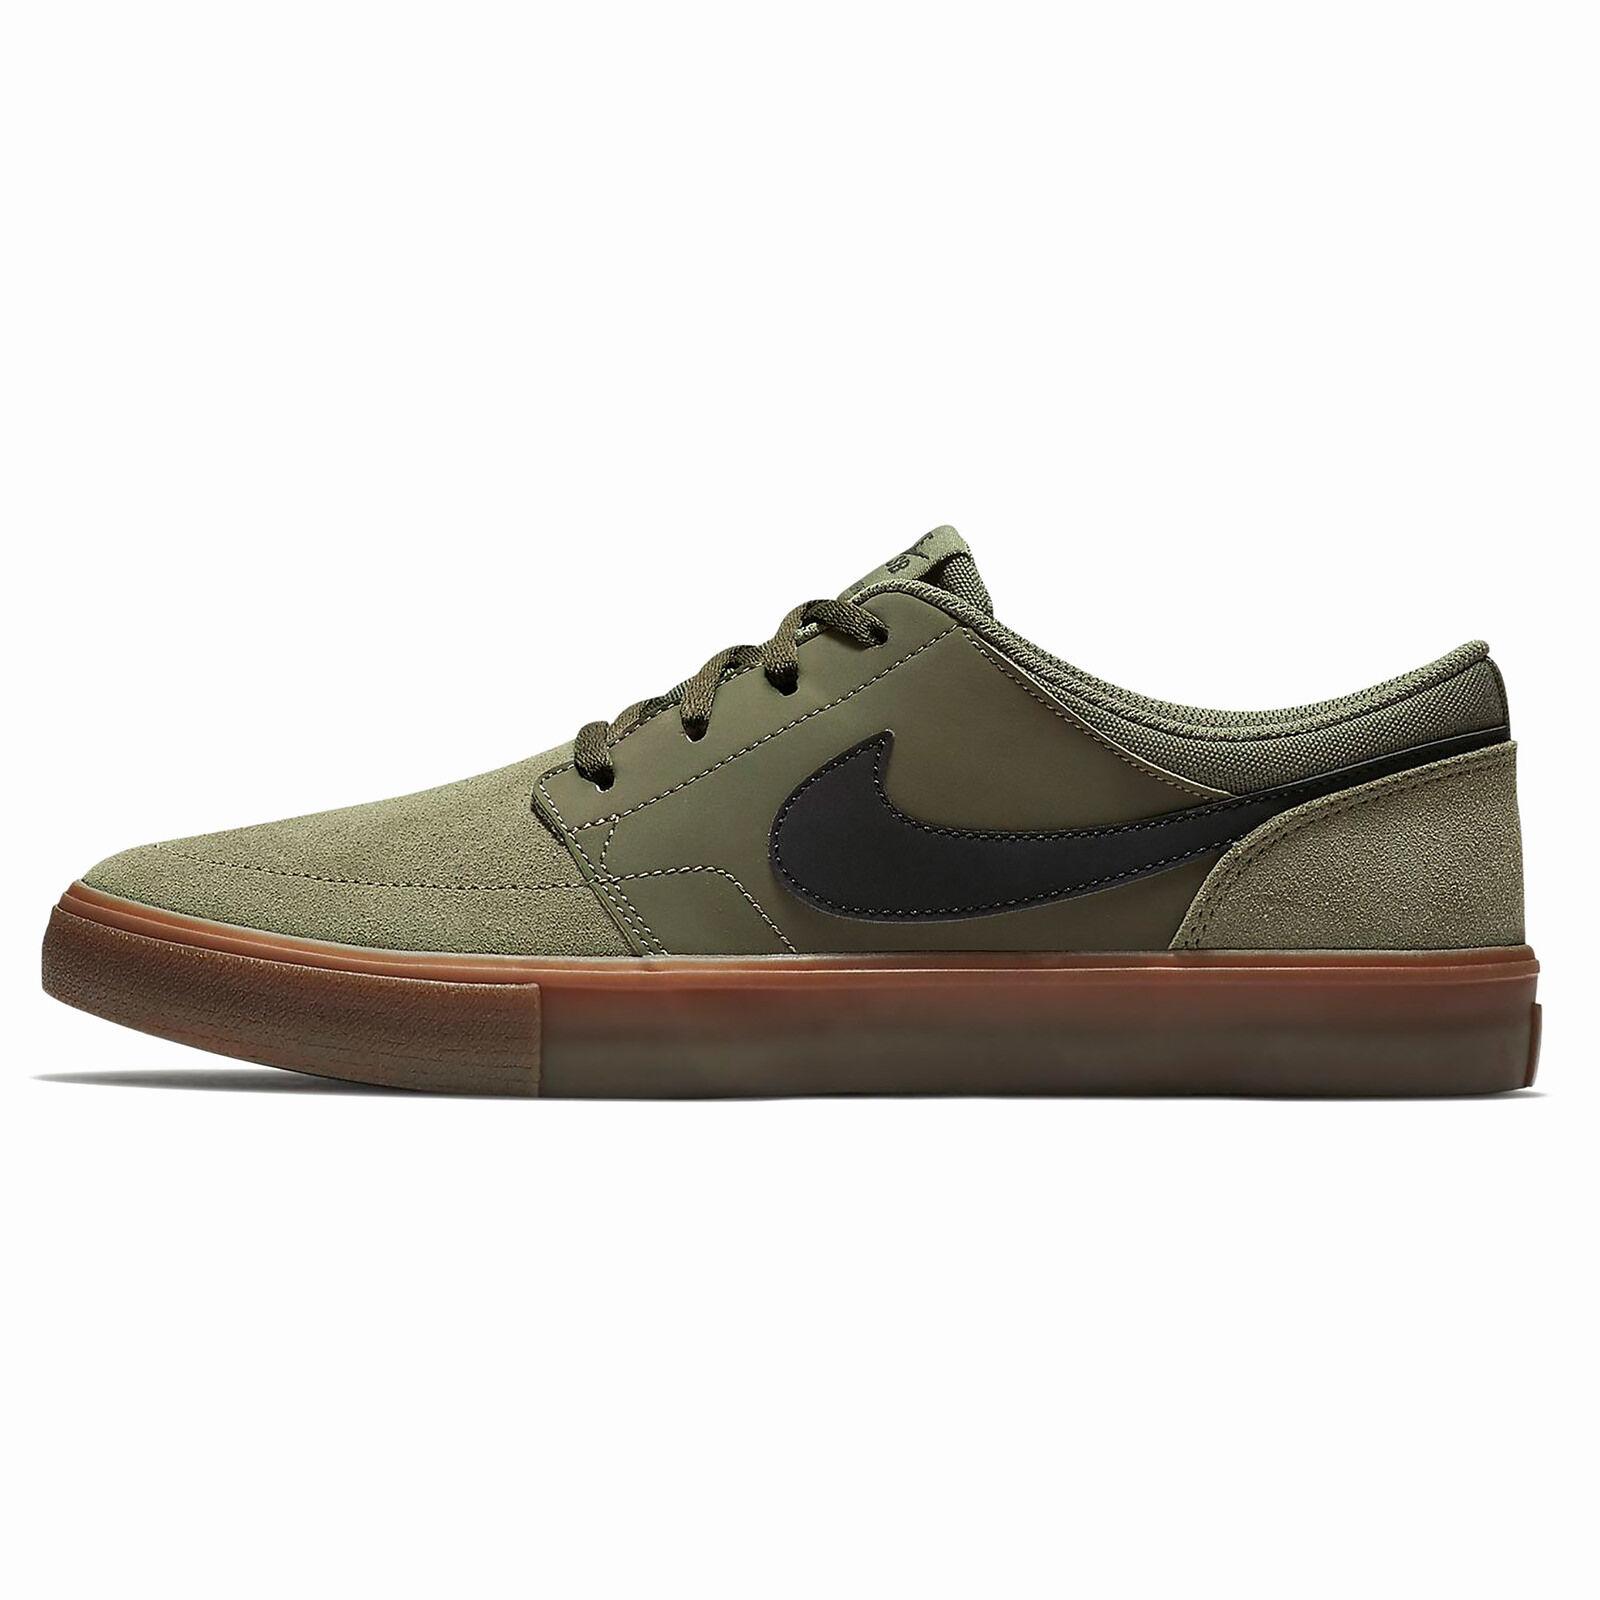 Nike SB Portmore II Solar 880266-200 Skateboard Skate Sneaker Sport Schuh